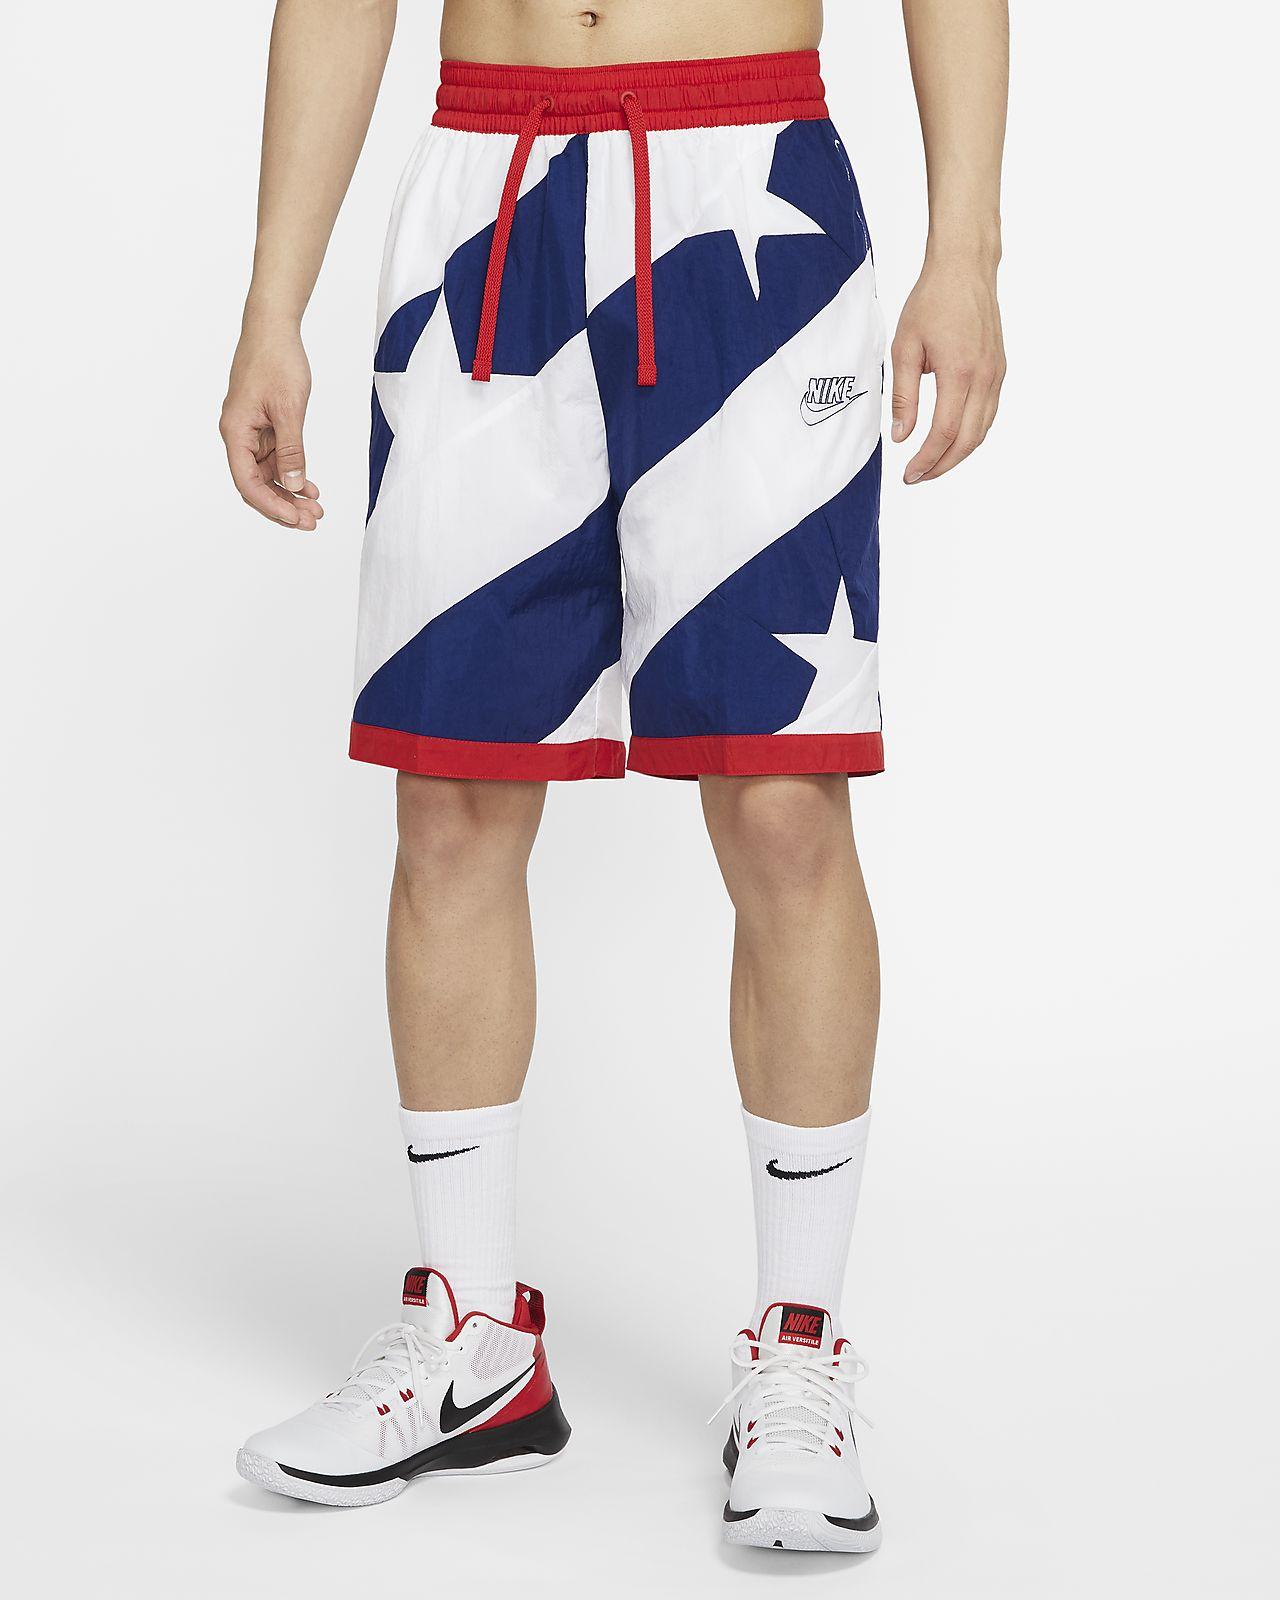 ナイキ Dri-FIT スローバック メンズ バスケットボールショートパンツ